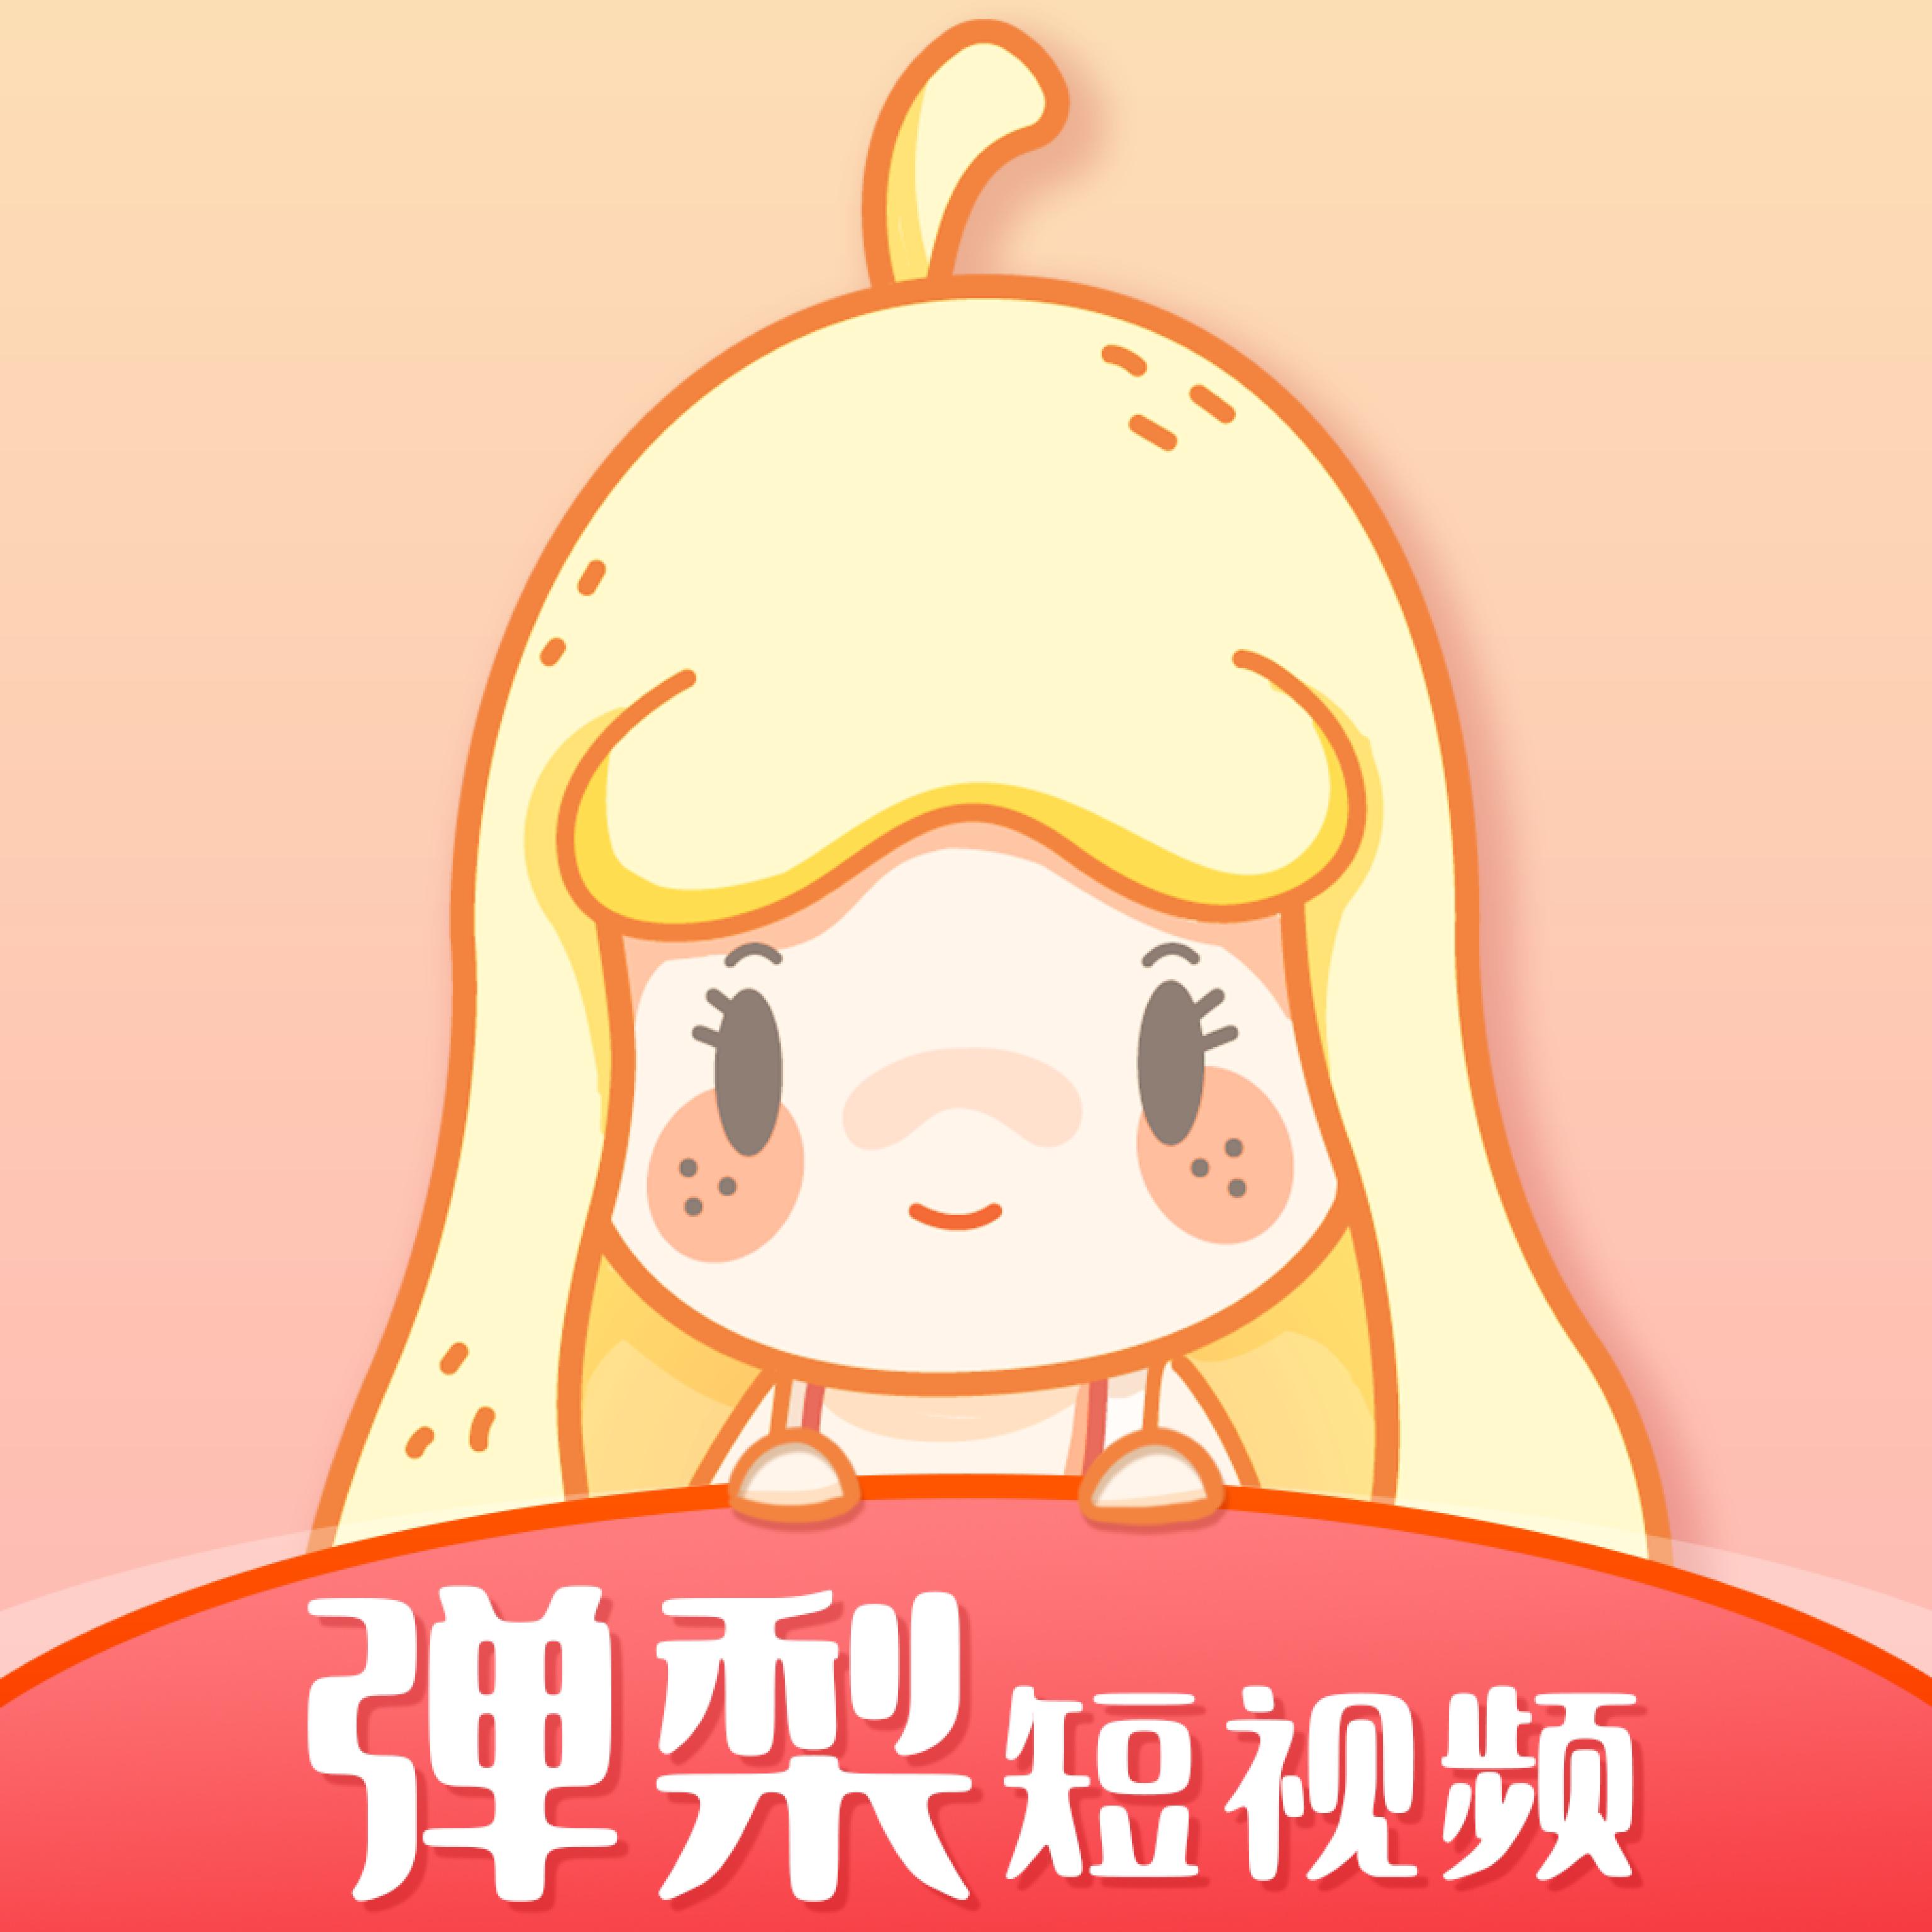 弹梨短视频软件1.0.0 安卓最新版